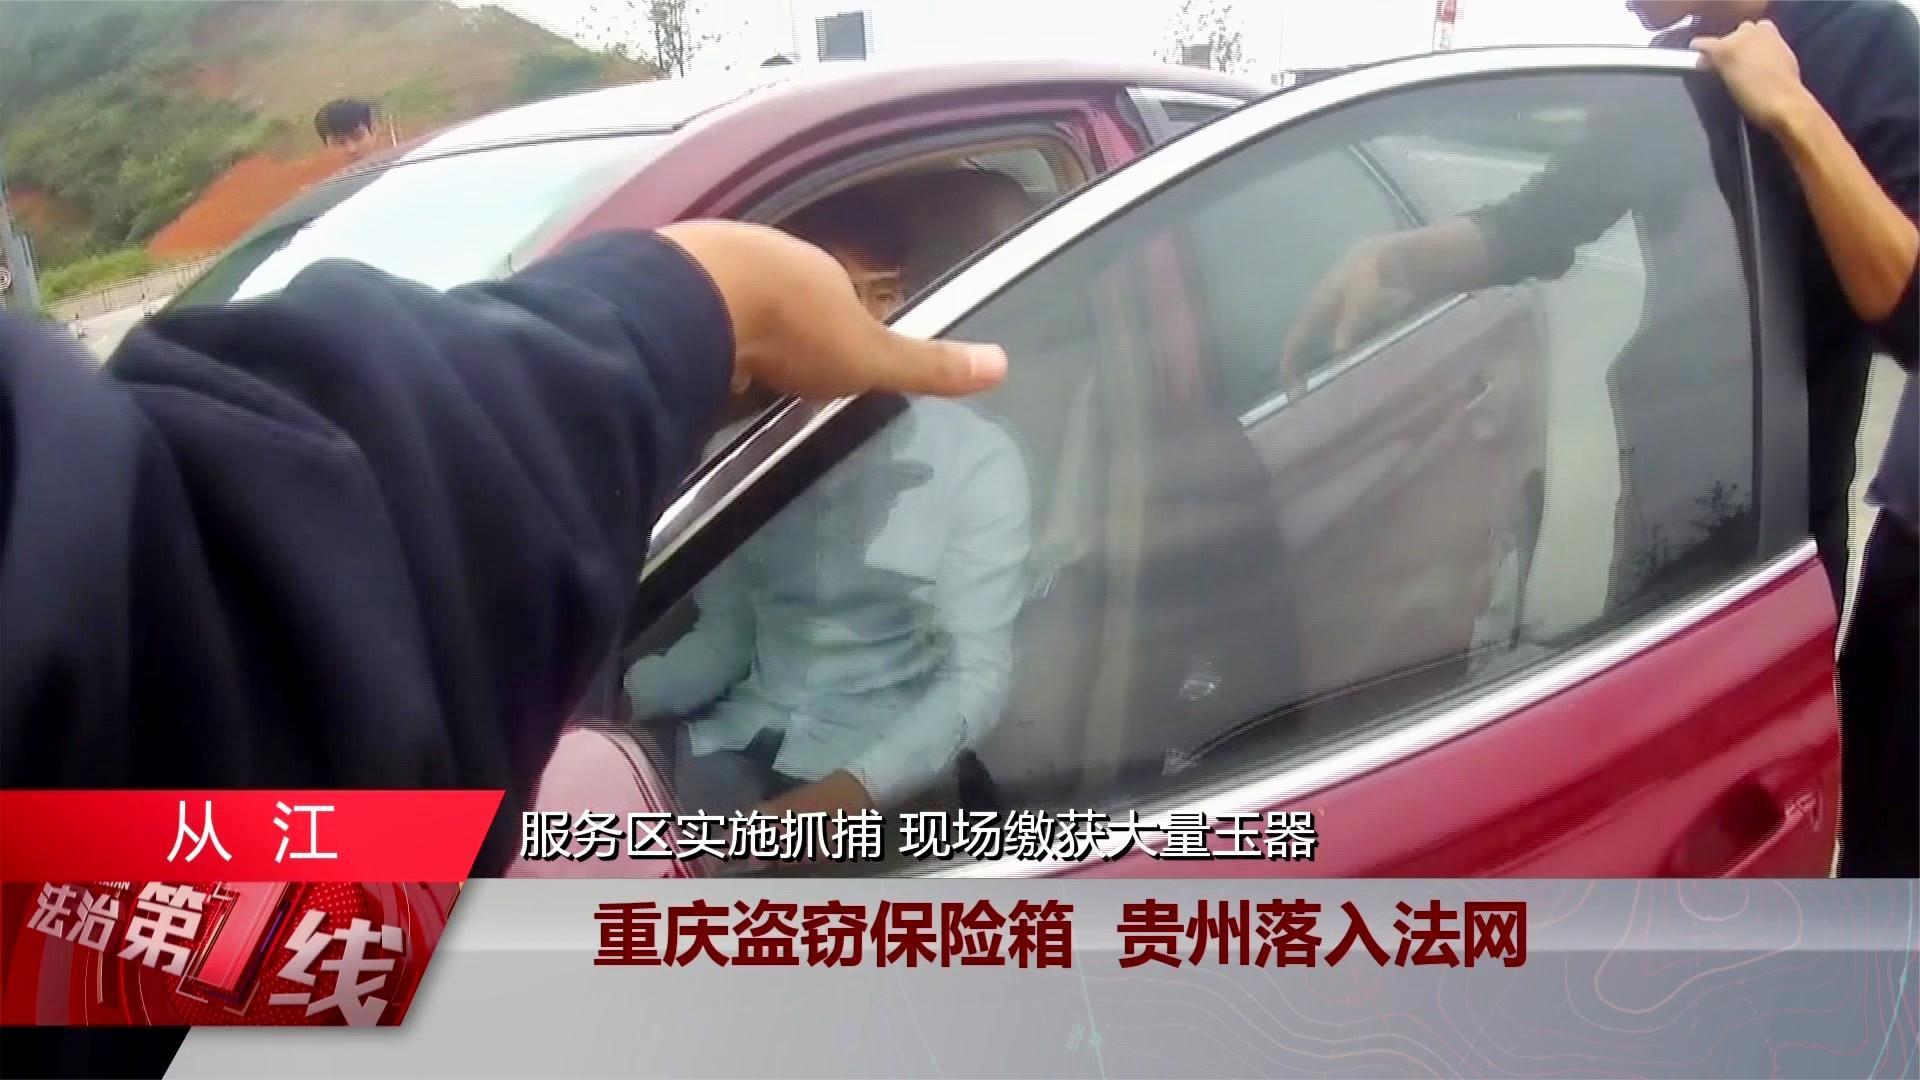 四人重庆盗窃保险箱一路逃亡去广西,结果在贵州落入法网